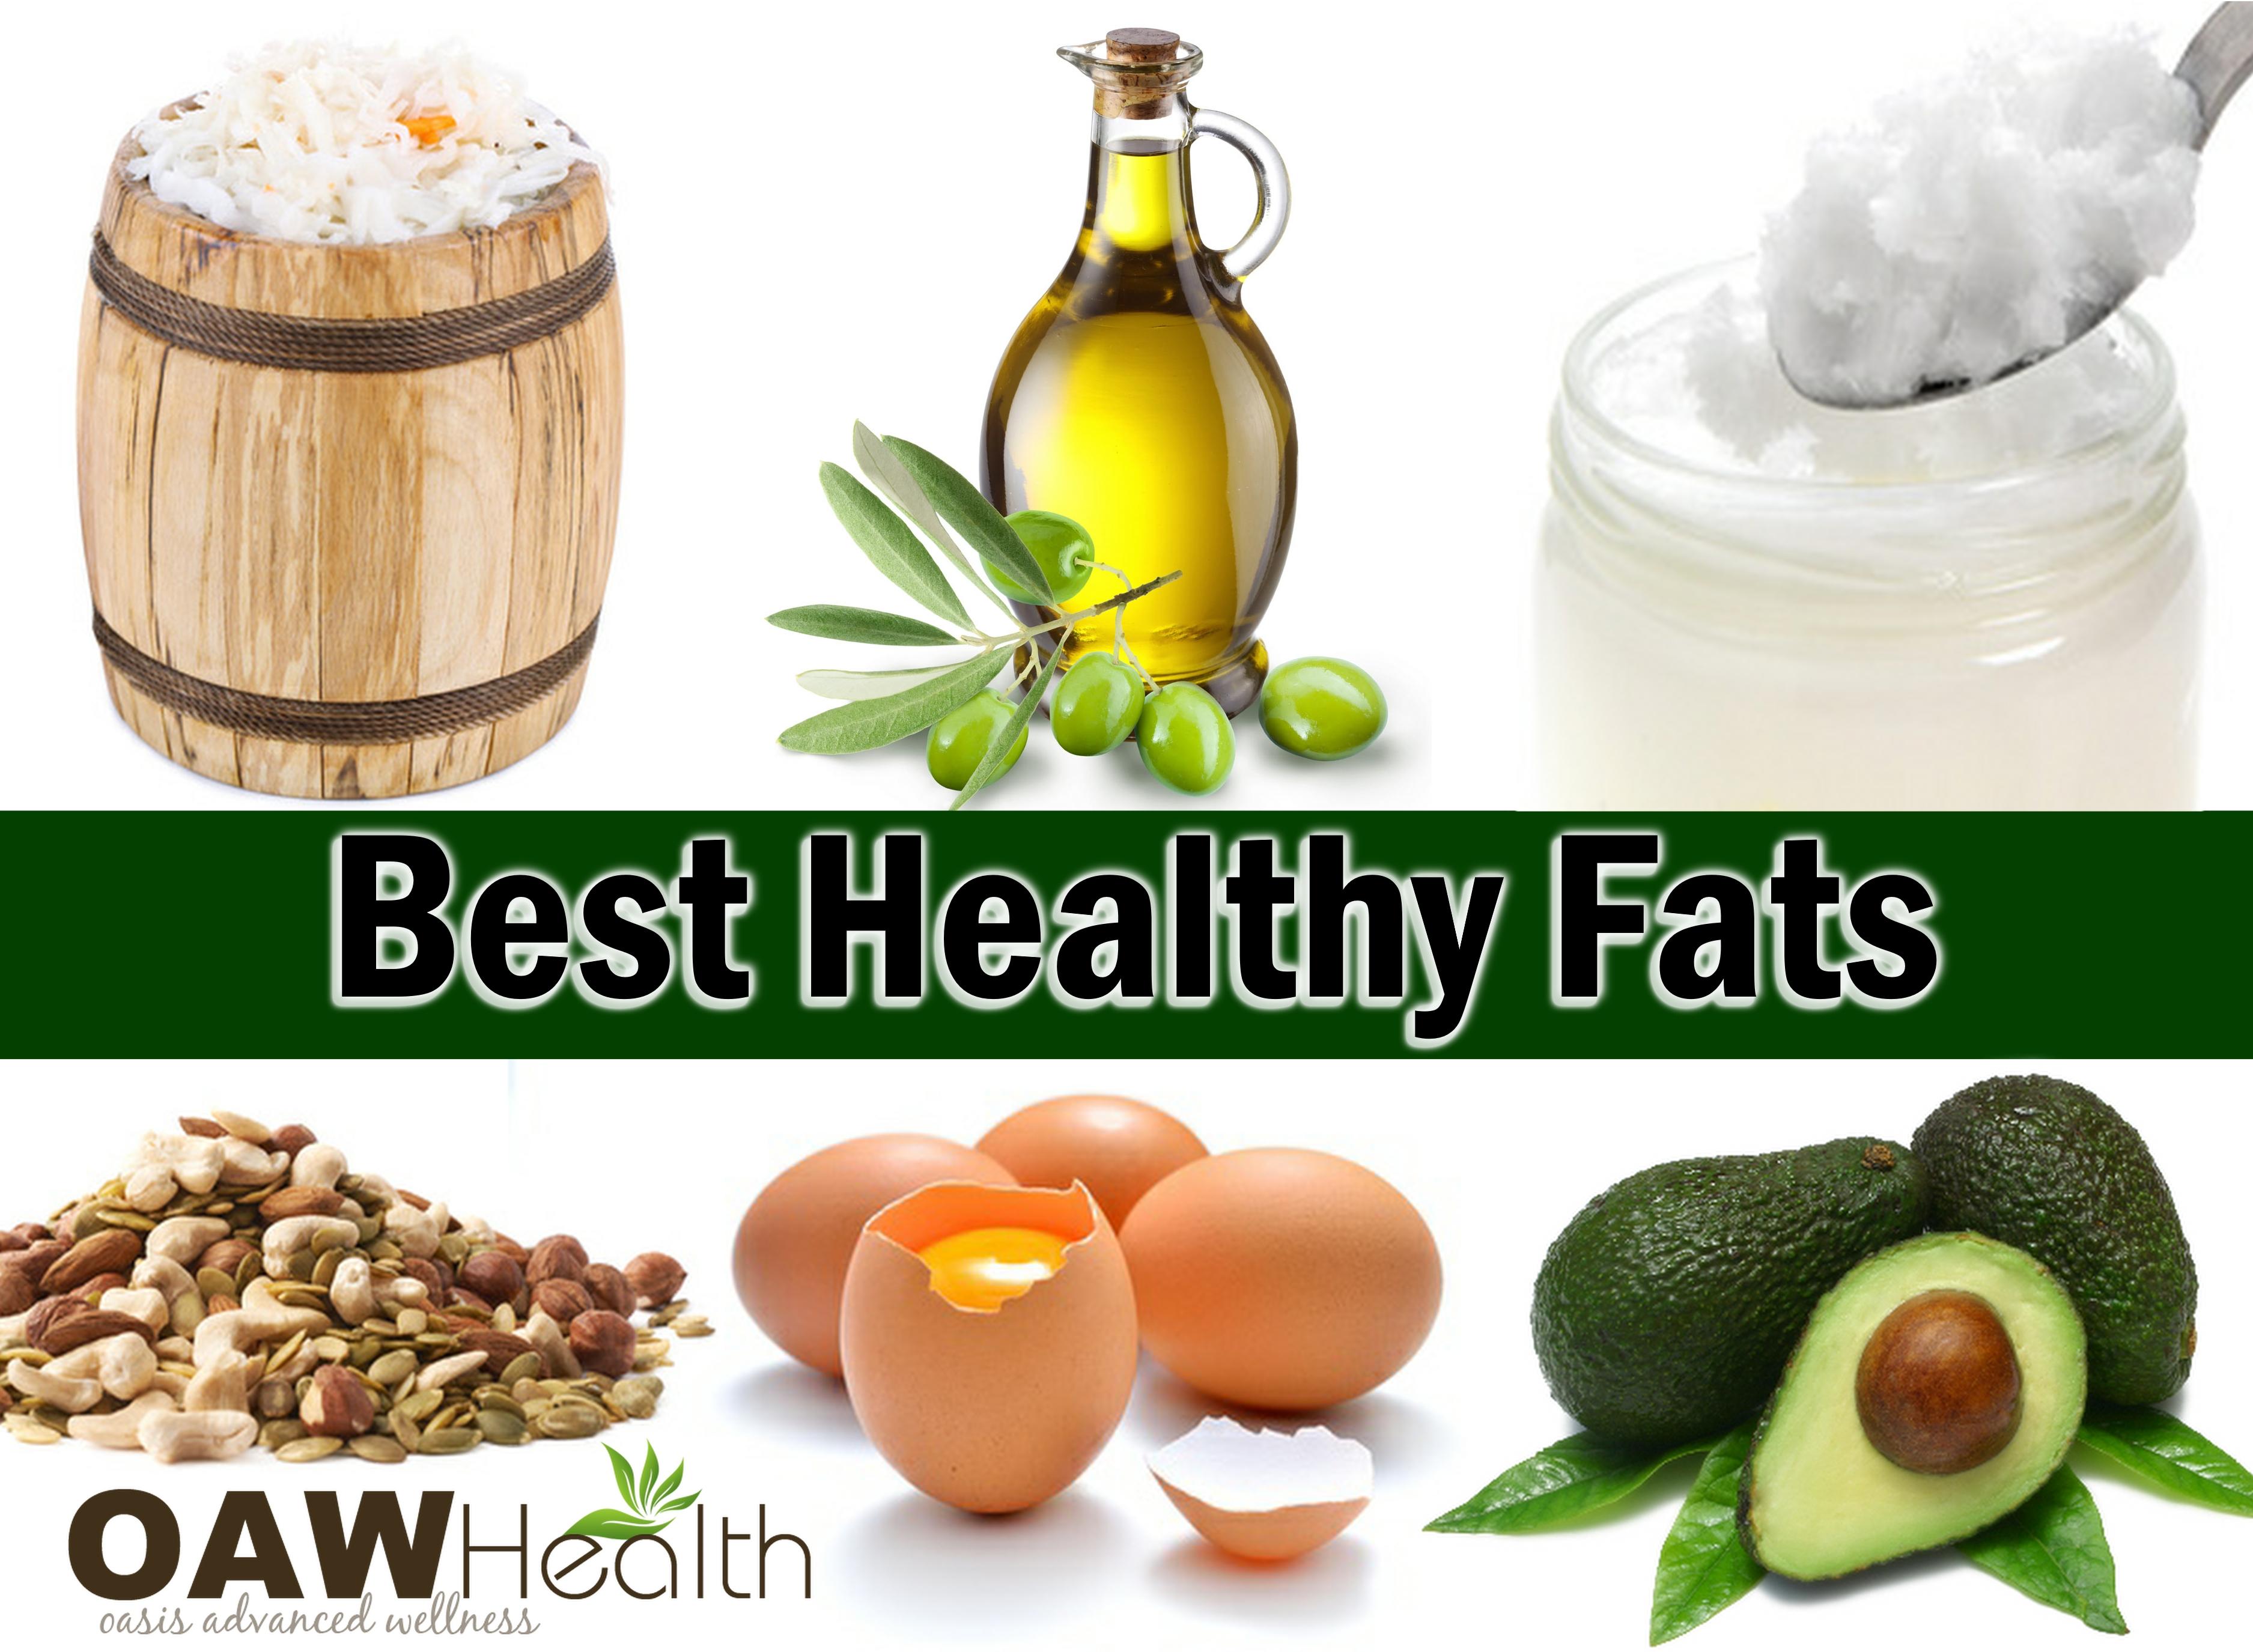 Ten Best Sources of Healthy Fats